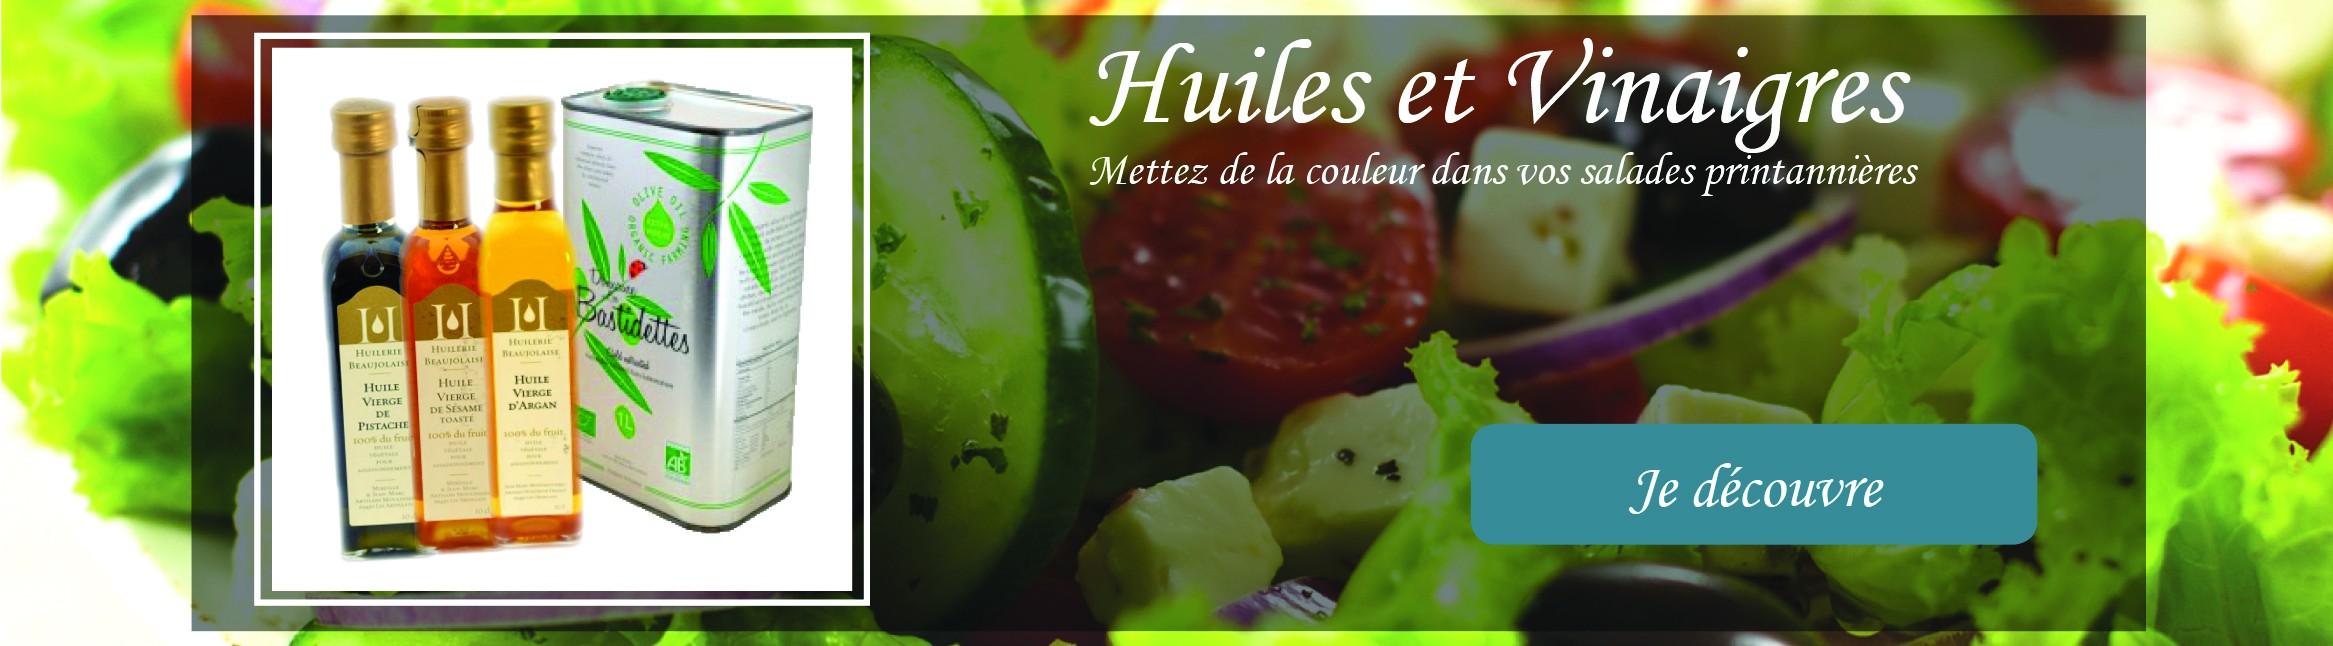 Avec le retour des beaux jours, Mirvine vous propose une sélection d'huiles et de vinaigres originaux et locaux !